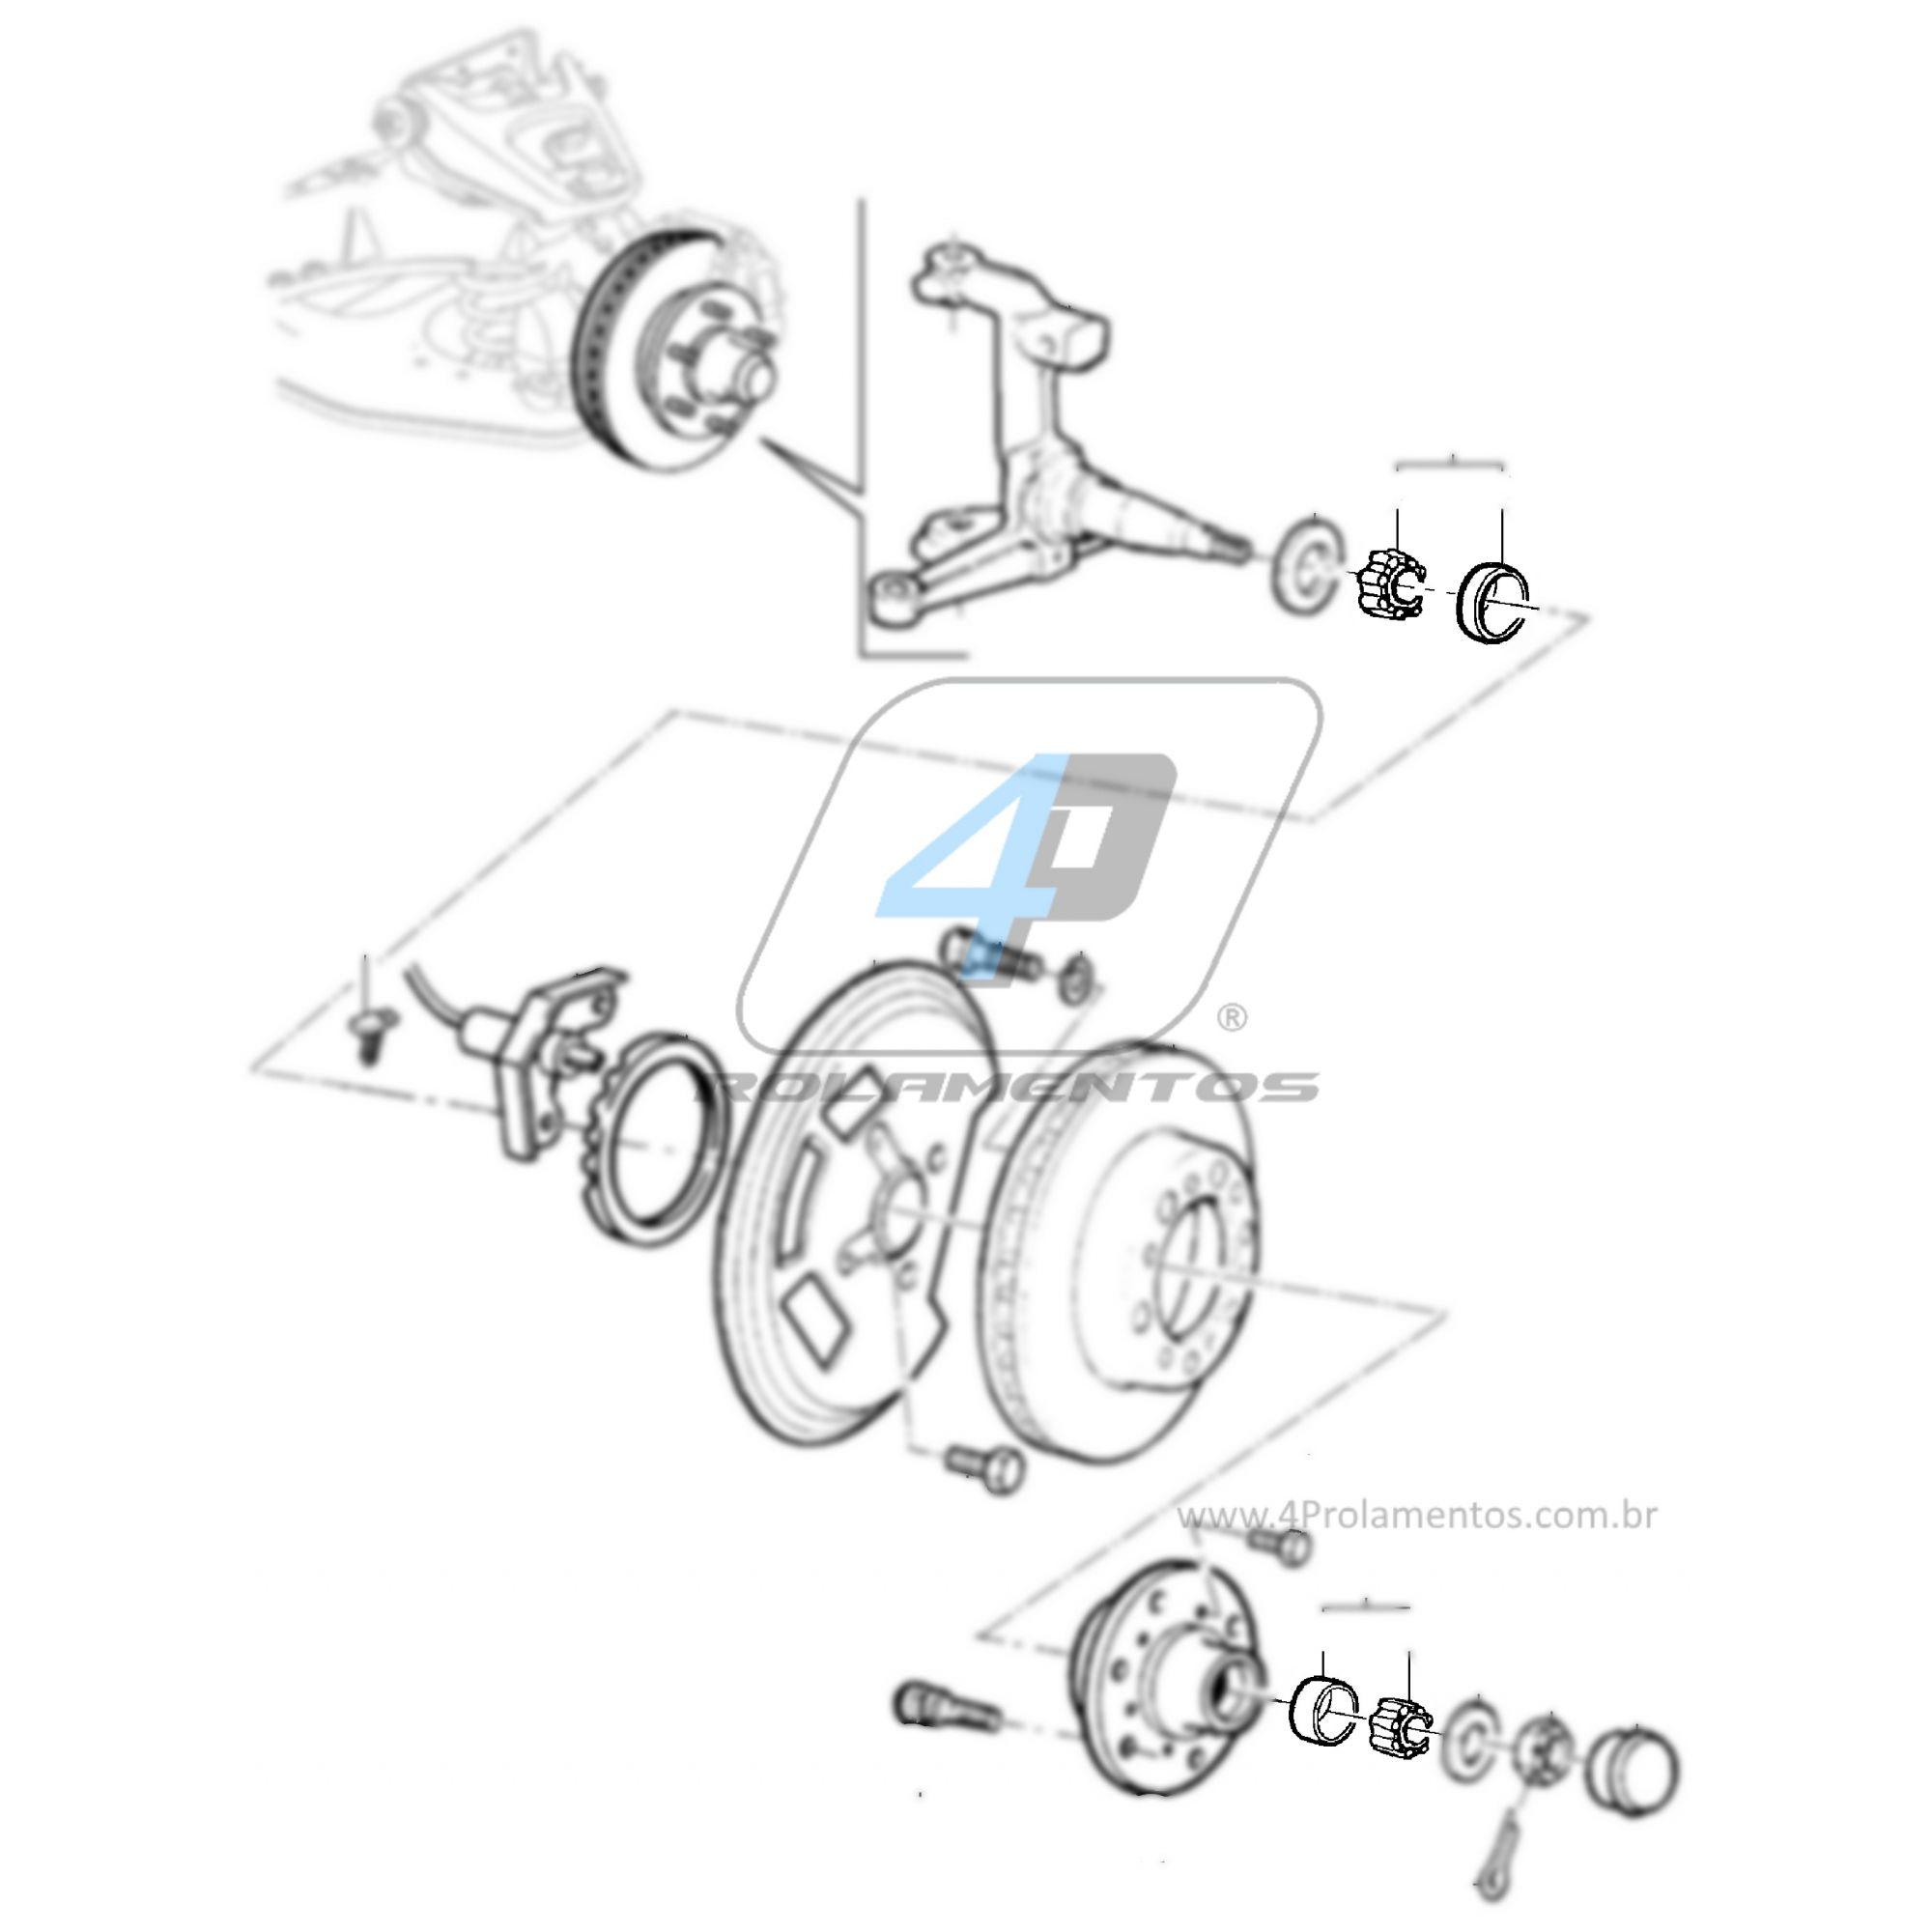 Rolamento Roda Dianteira Chevrolet Grand Blazer 1997-2002